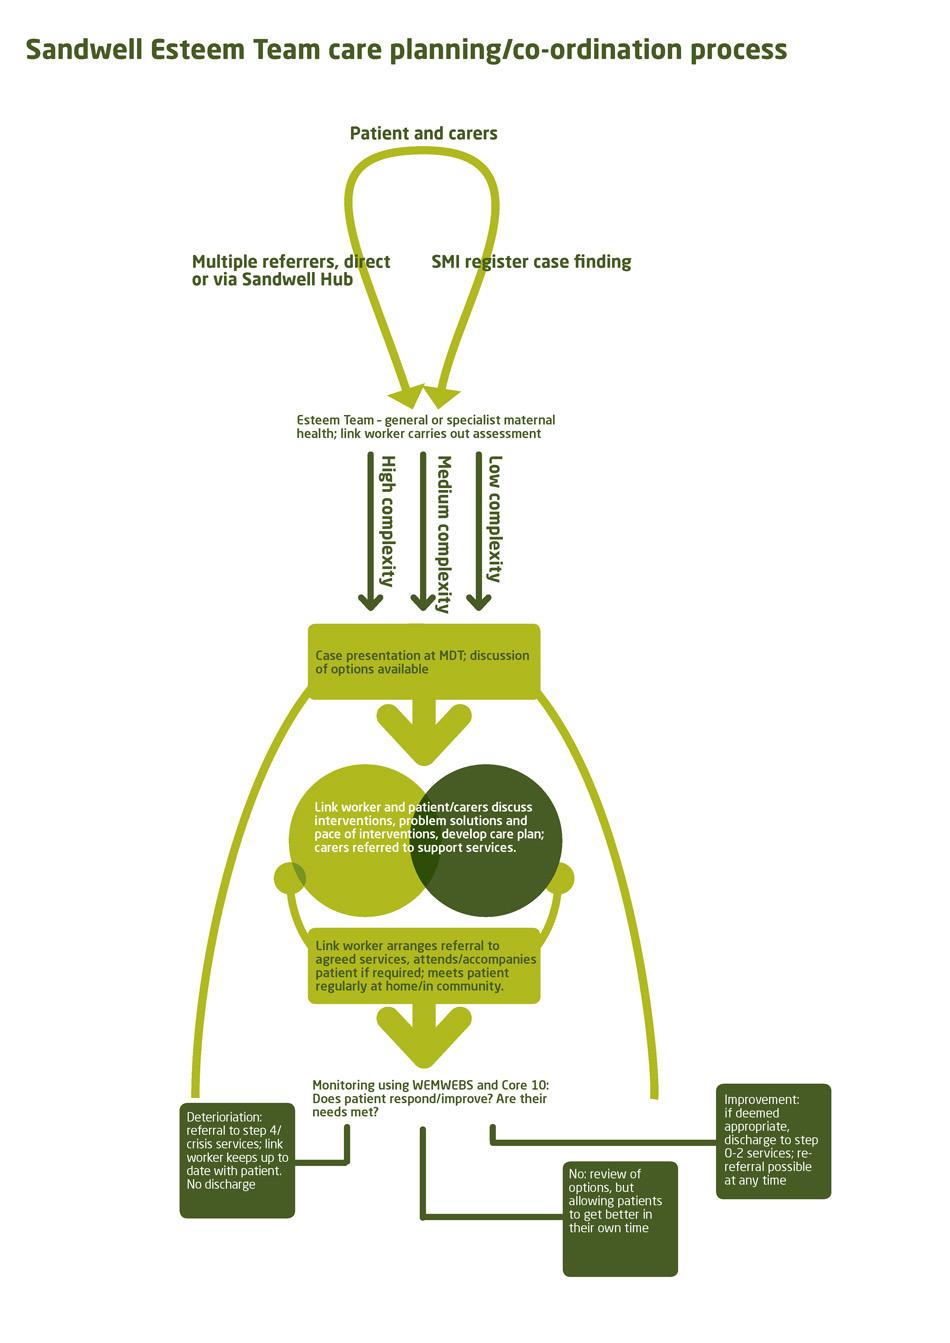 The Esteem Team care planning/co-ordination process